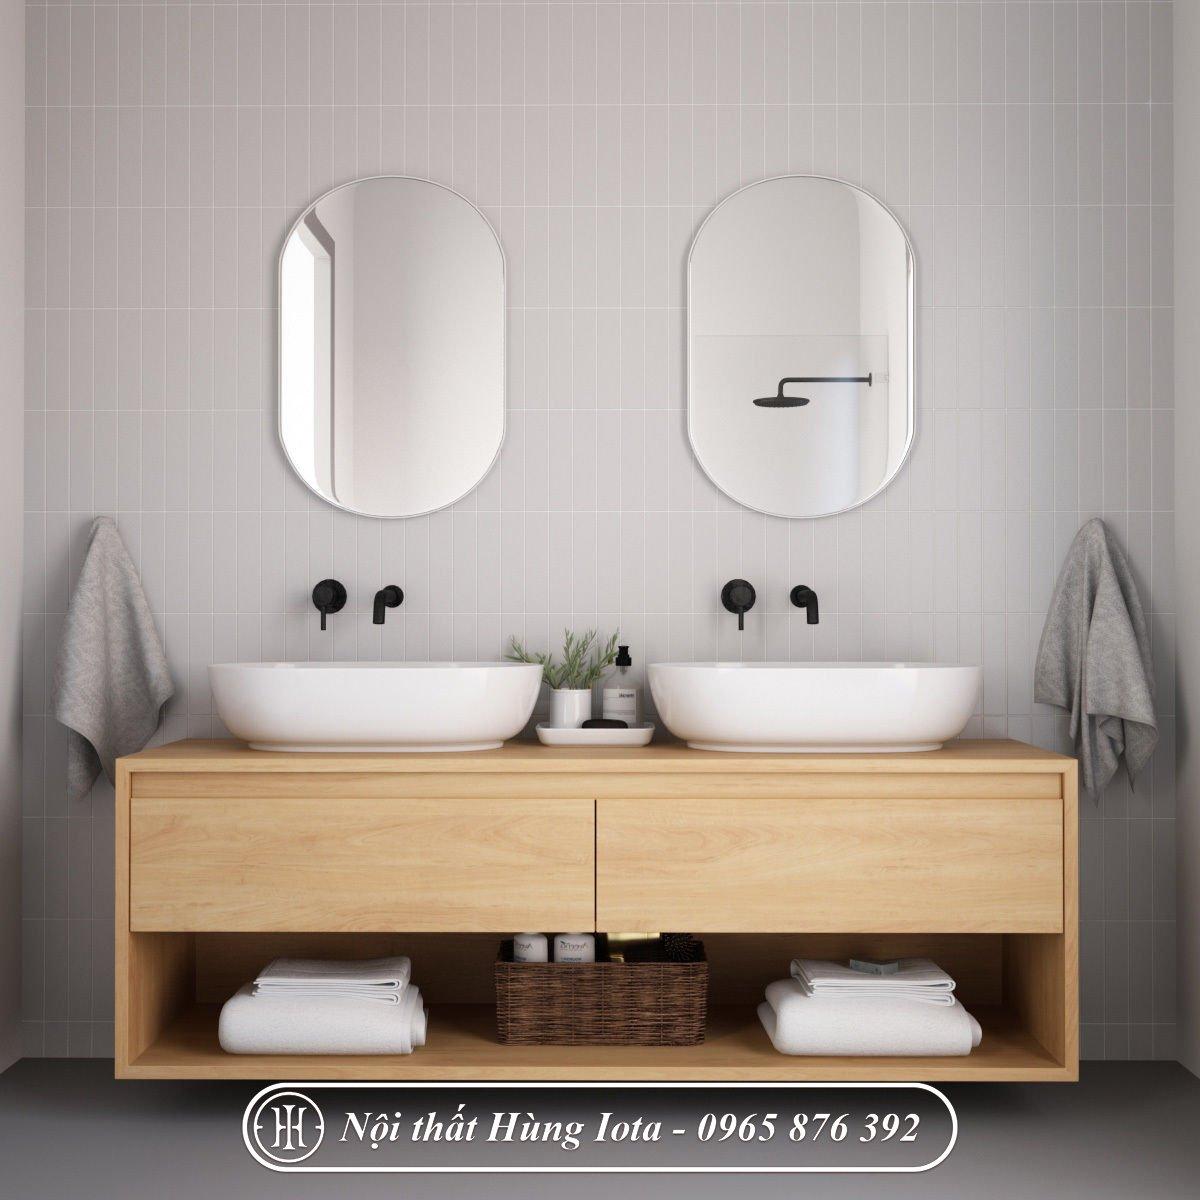 Tủ đựng khăn cho nhà tắm hiện đại